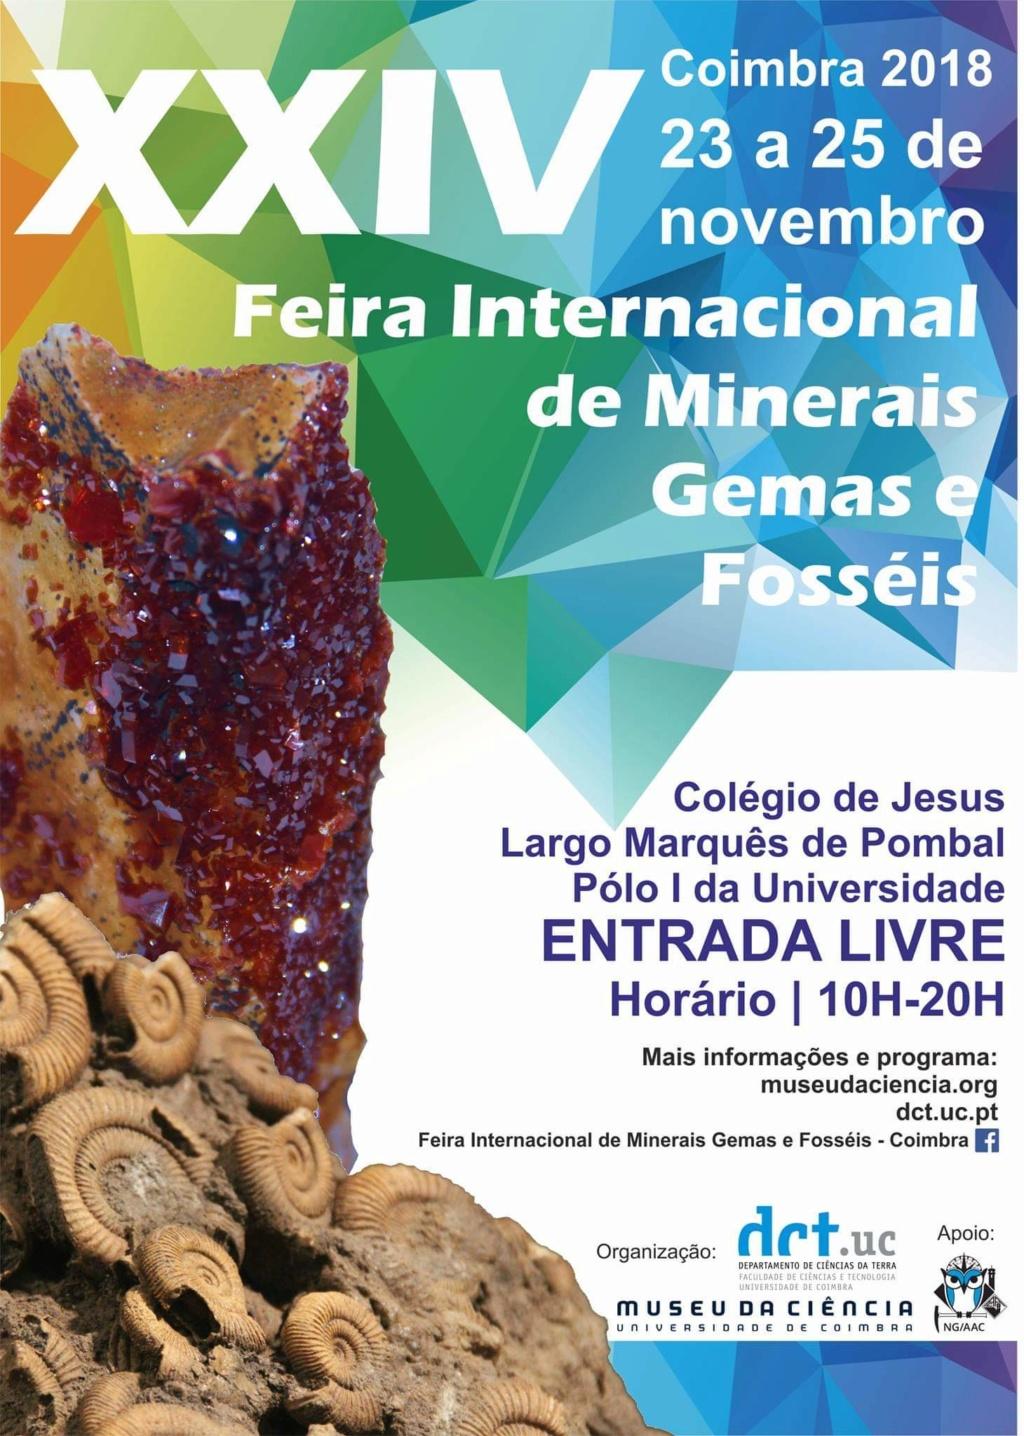 Ferias mes de Noviembre Fb_im158